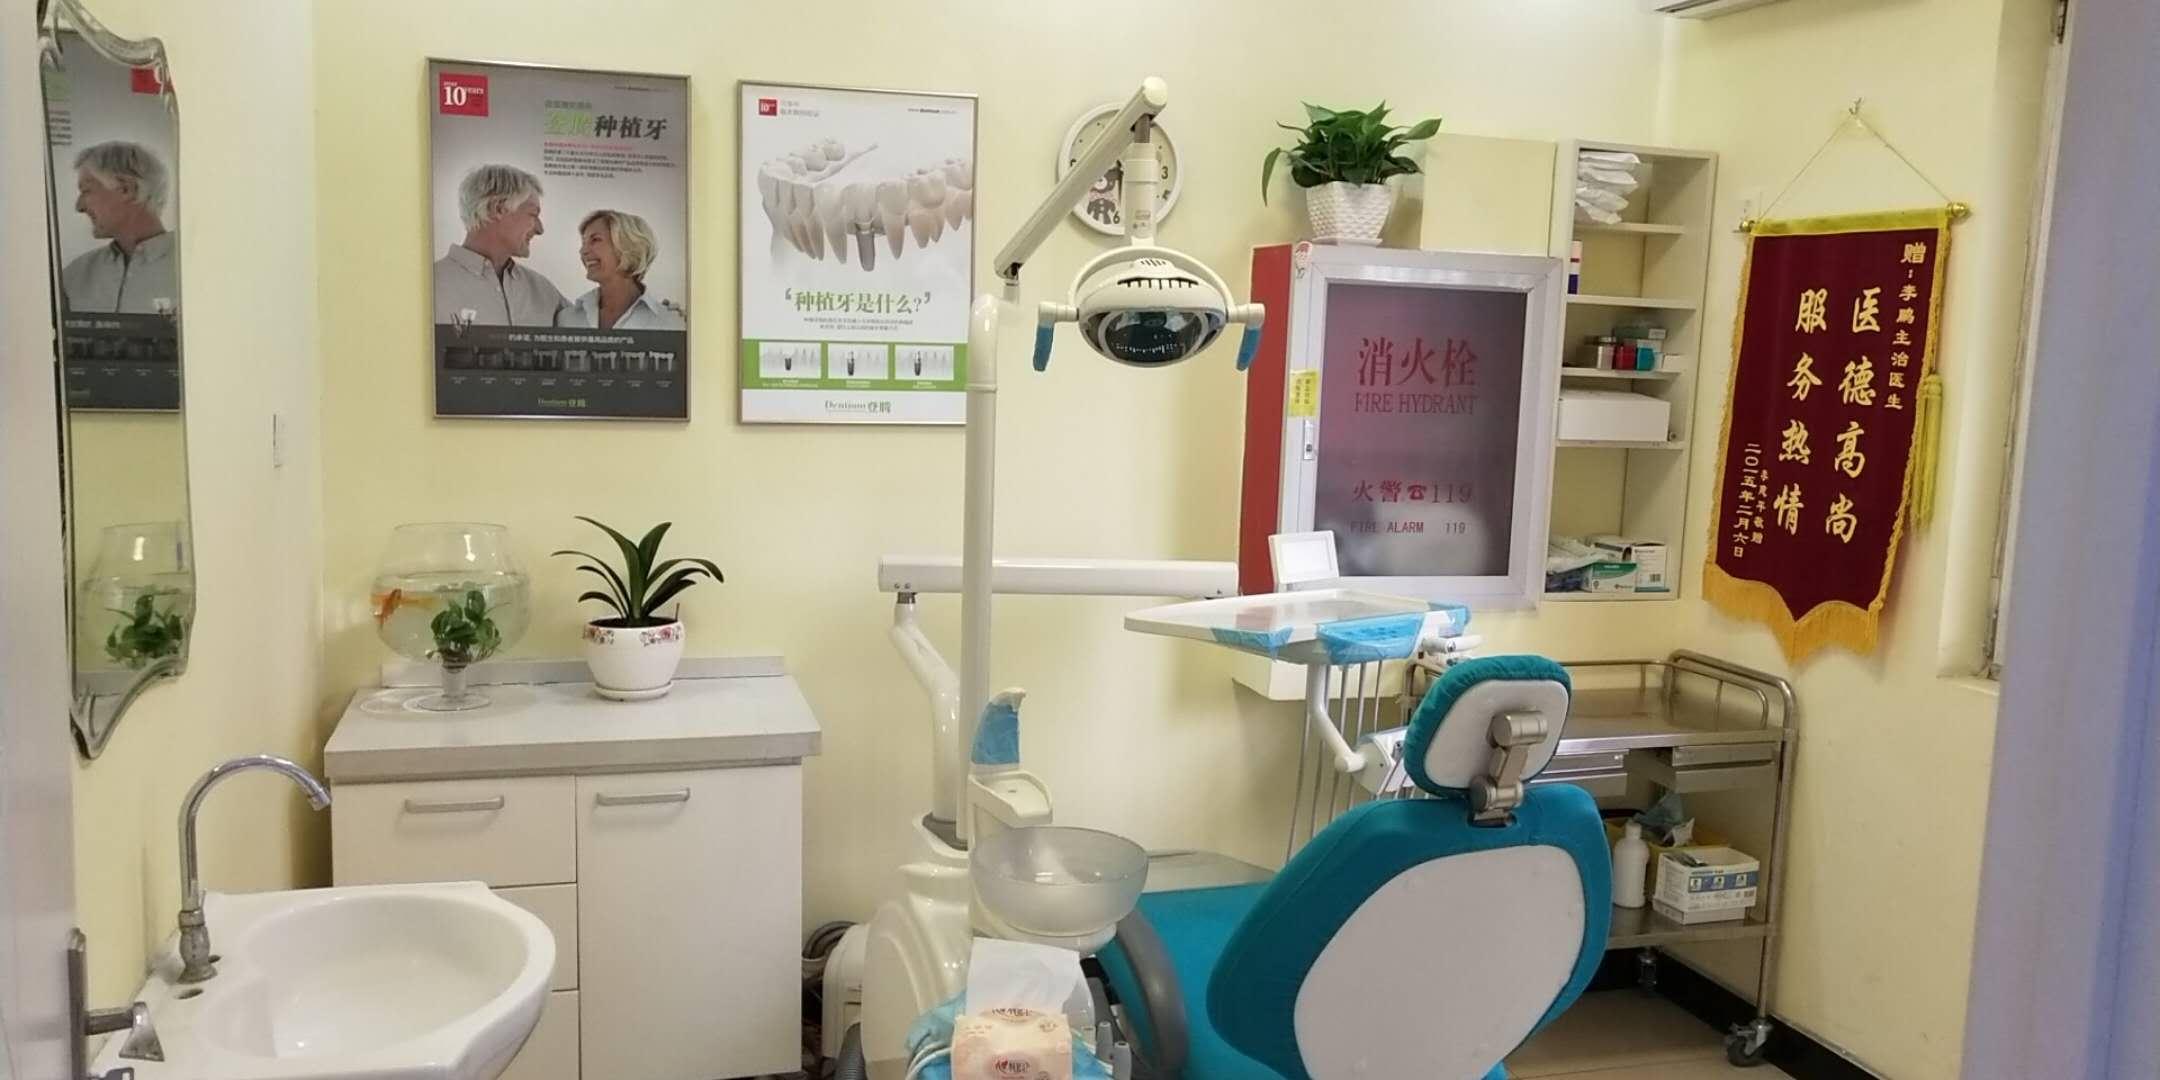 京冠口腔诊所拔牙疼告诉你拔牙前后注意什么?